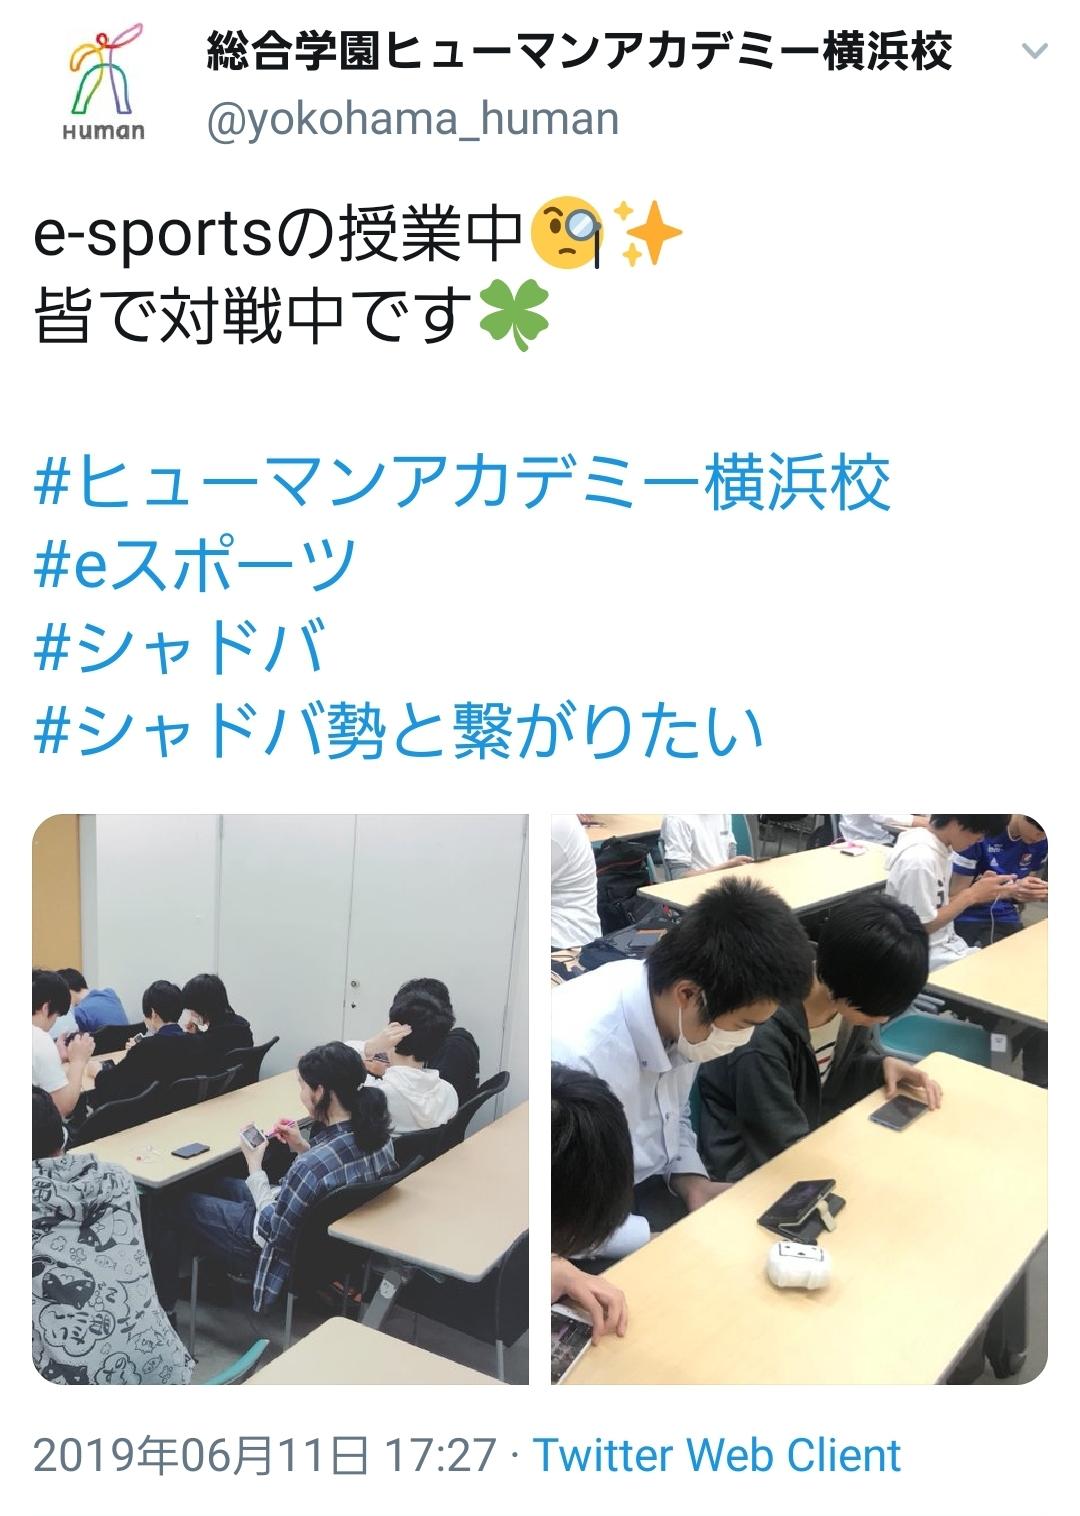 【悲報】eスポーツ学校の生徒さん、入学したことを後悔してしまう